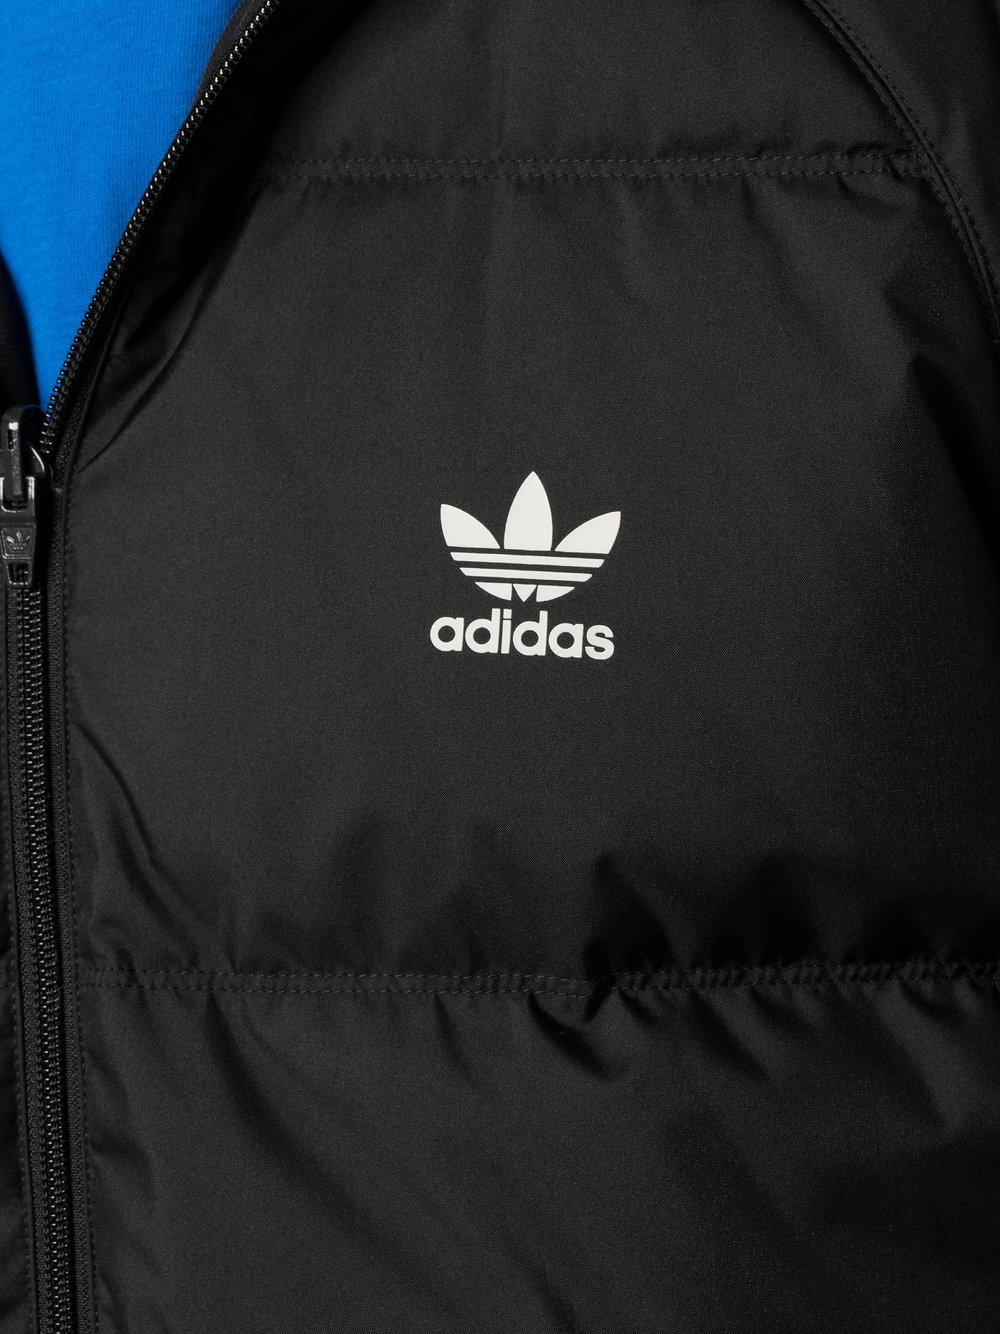 adidas Originals Herren Daunenjacke zum Wenden online kaufen